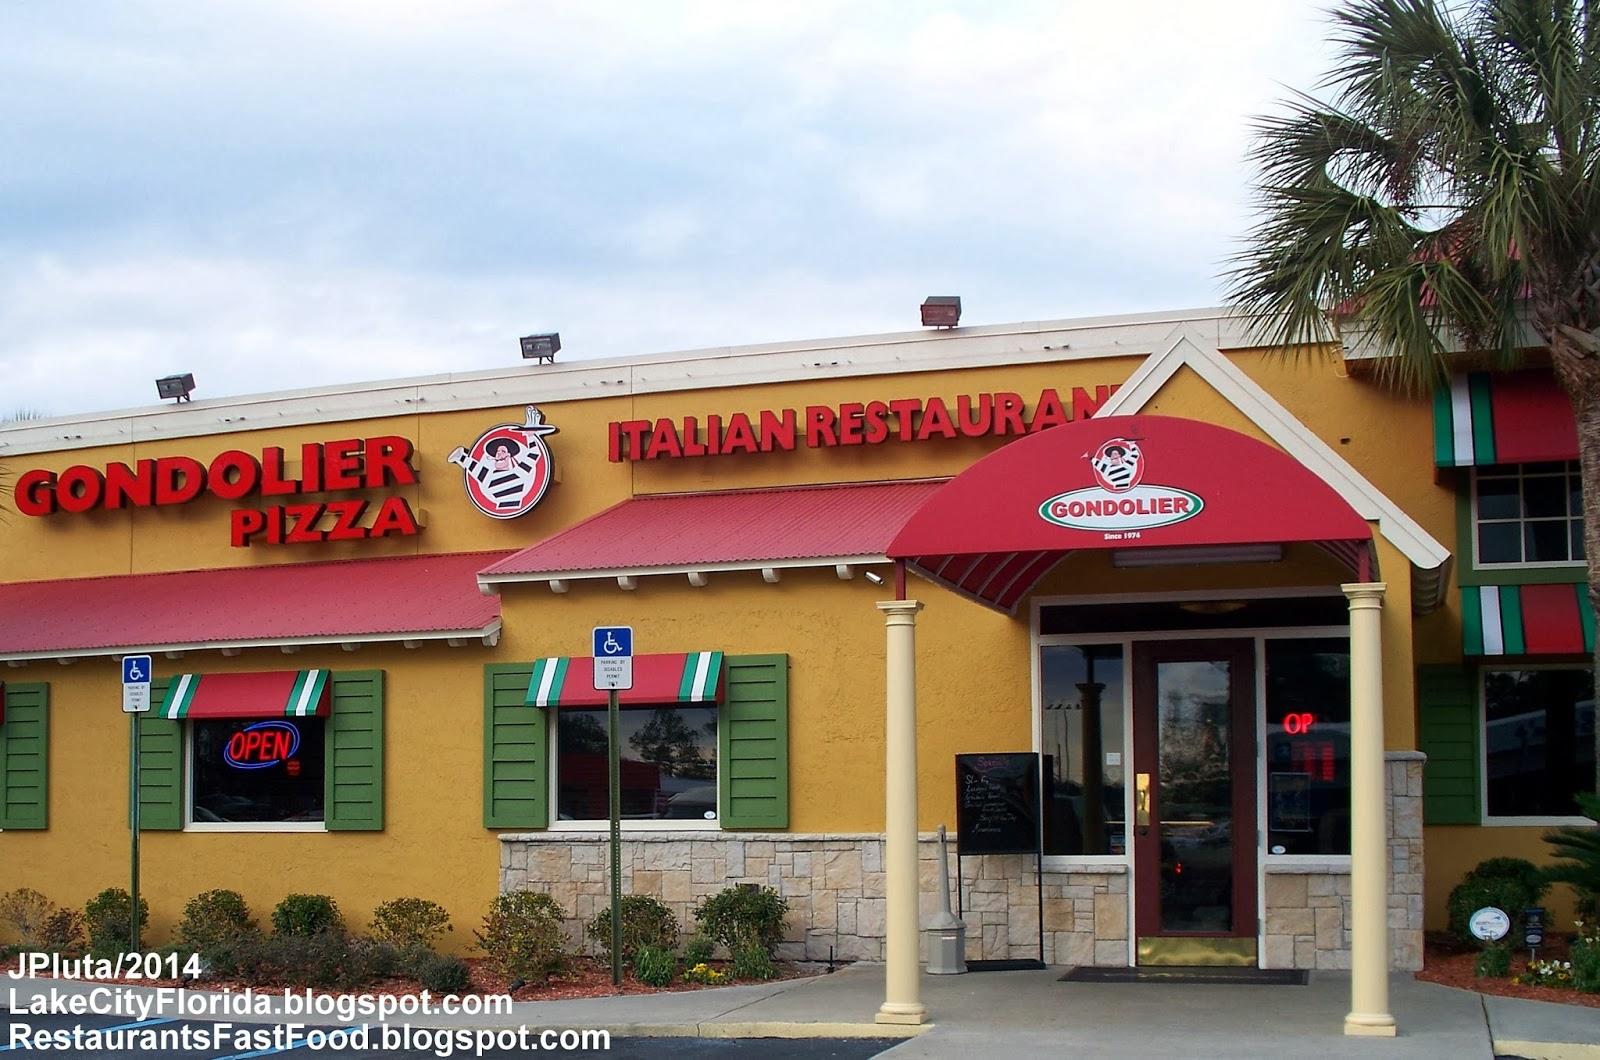 Restaurant fast food menu mcdonald 39 s dq bk hamburger pizza for Pizza restaurants